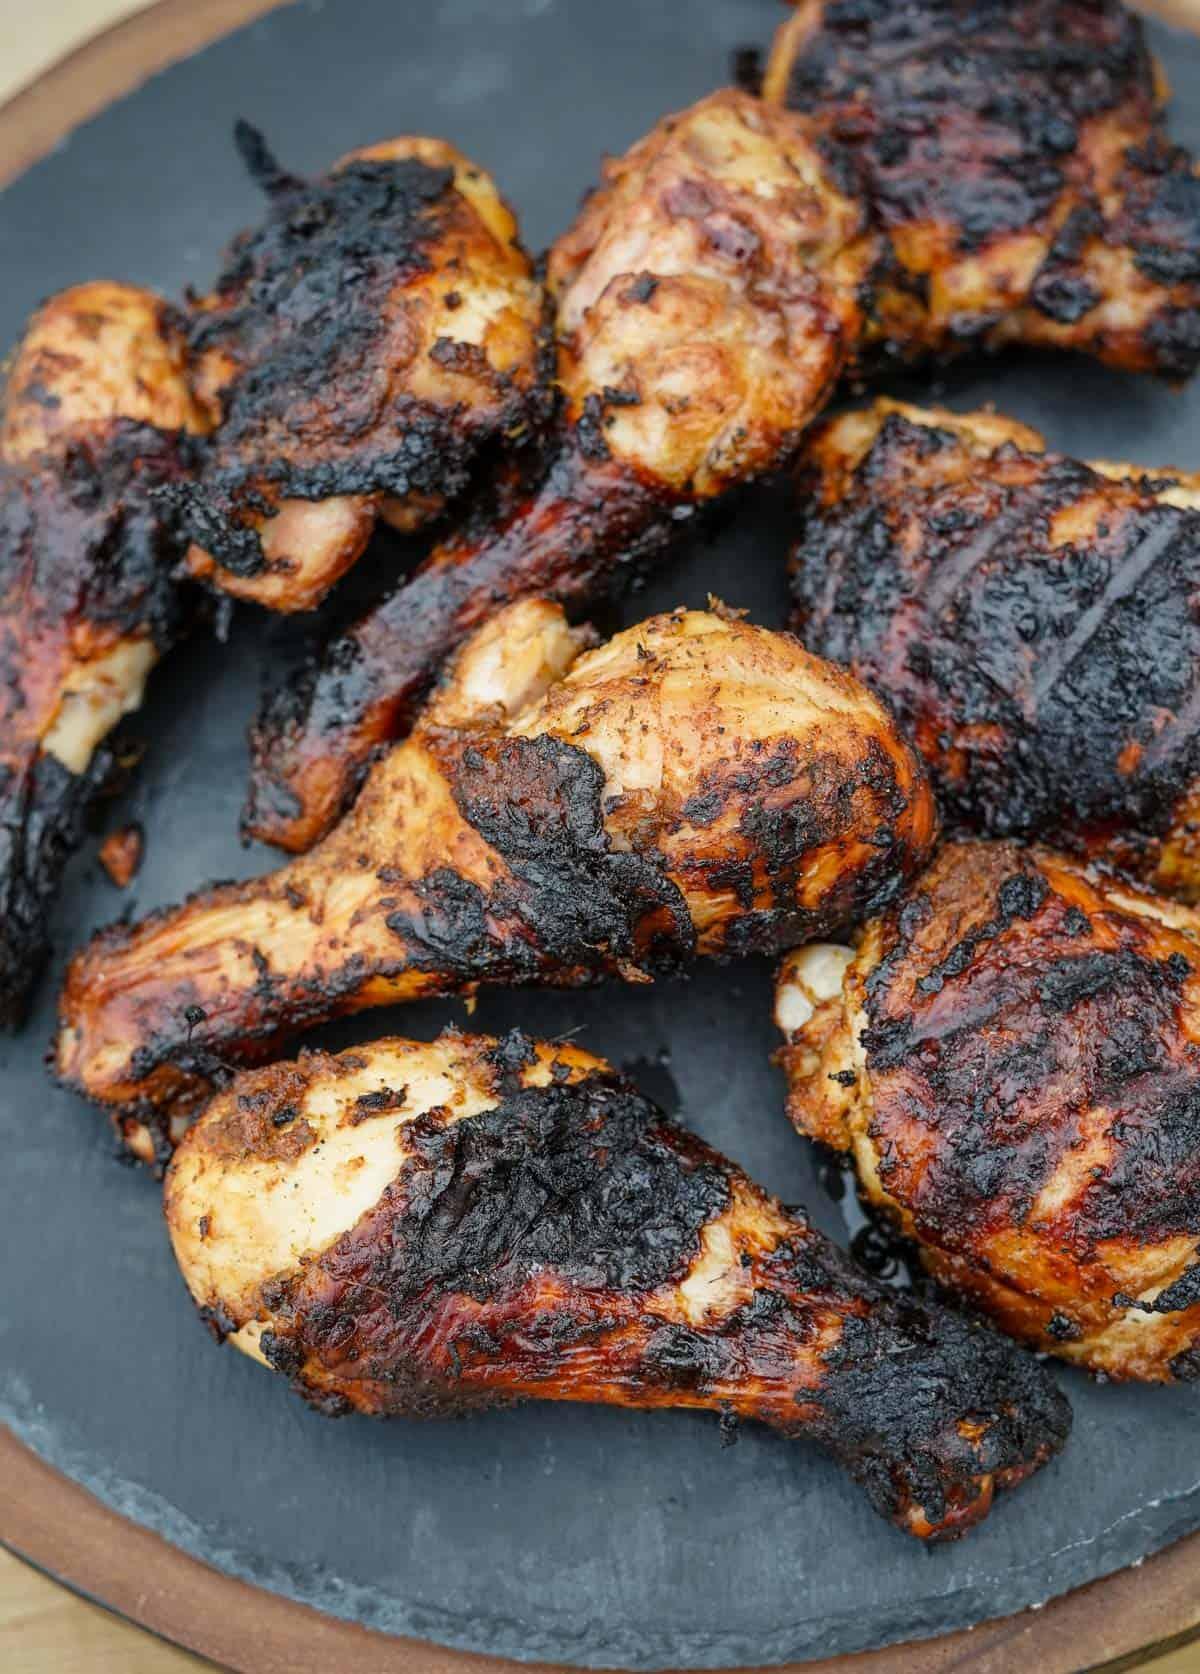 Jerk Chicken on a platter